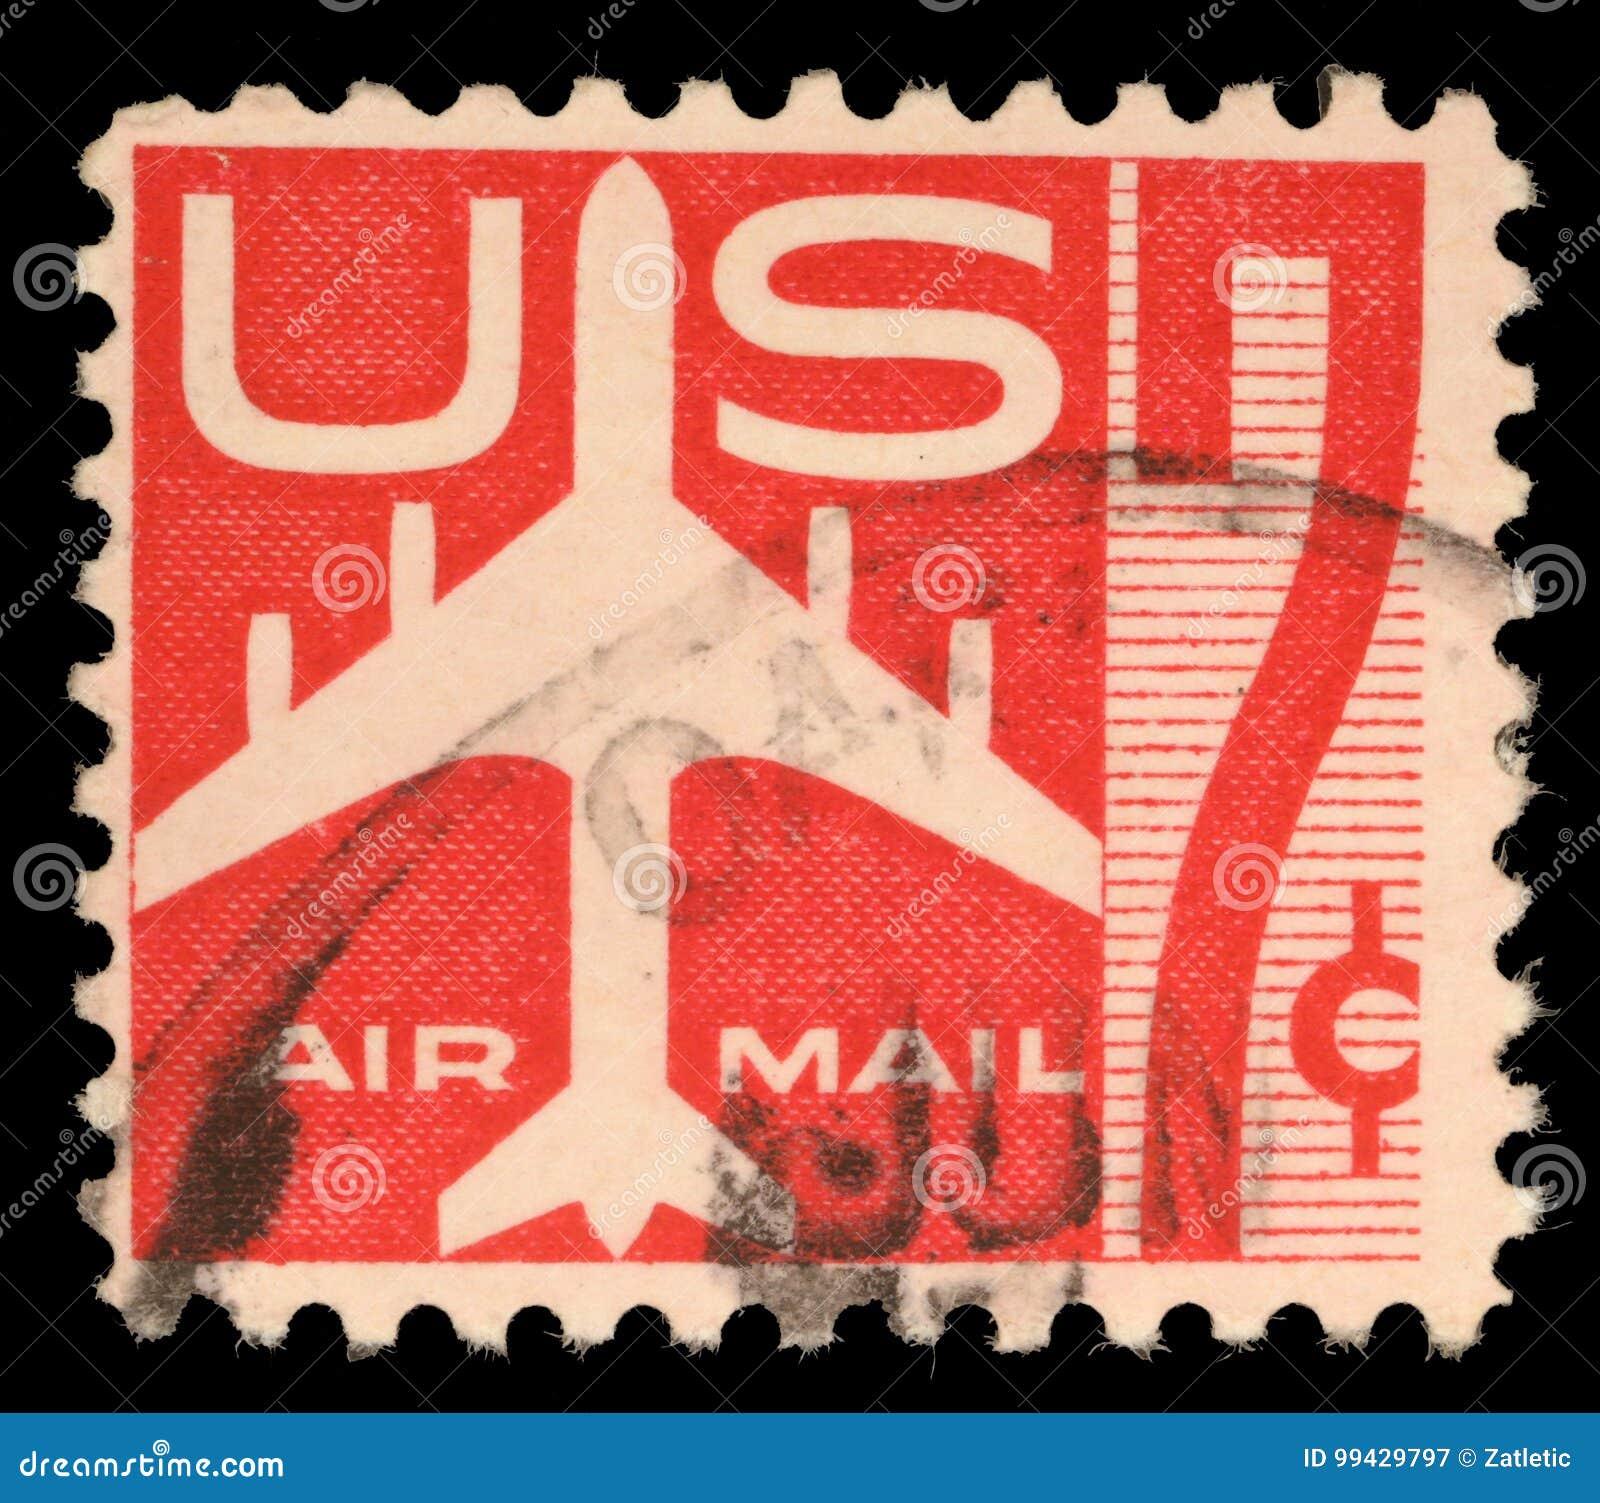 Stempel druckte in US, die Luftpostsymbole und die Druck Luftpost zeigen